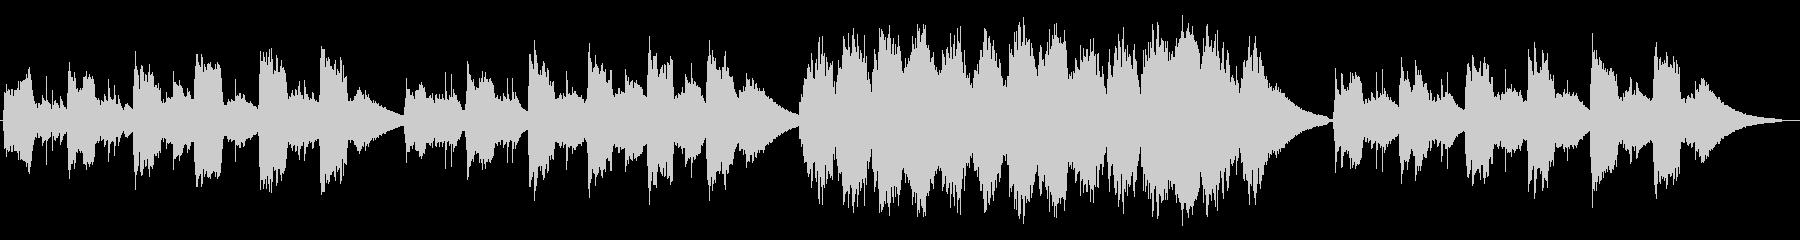 夜が明けるようなピアノヒーリング曲の未再生の波形